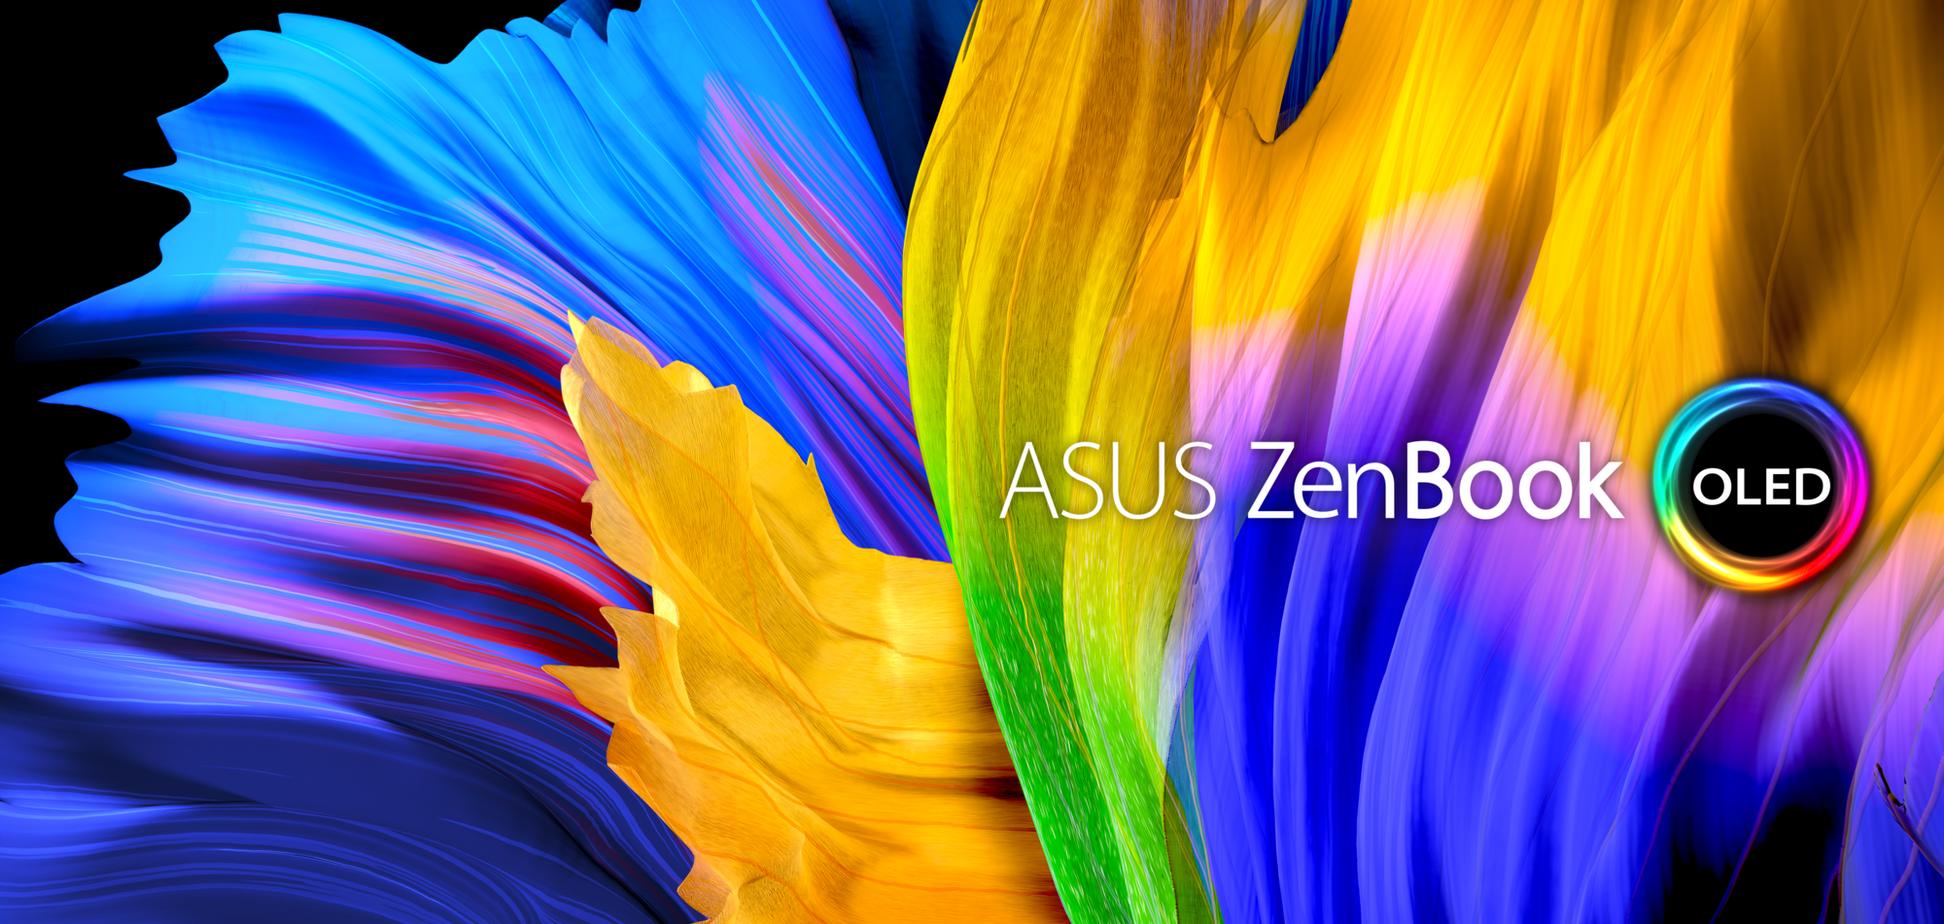 Компания ASUS представила целый ряд ноутбуков с OLED-дисплеями